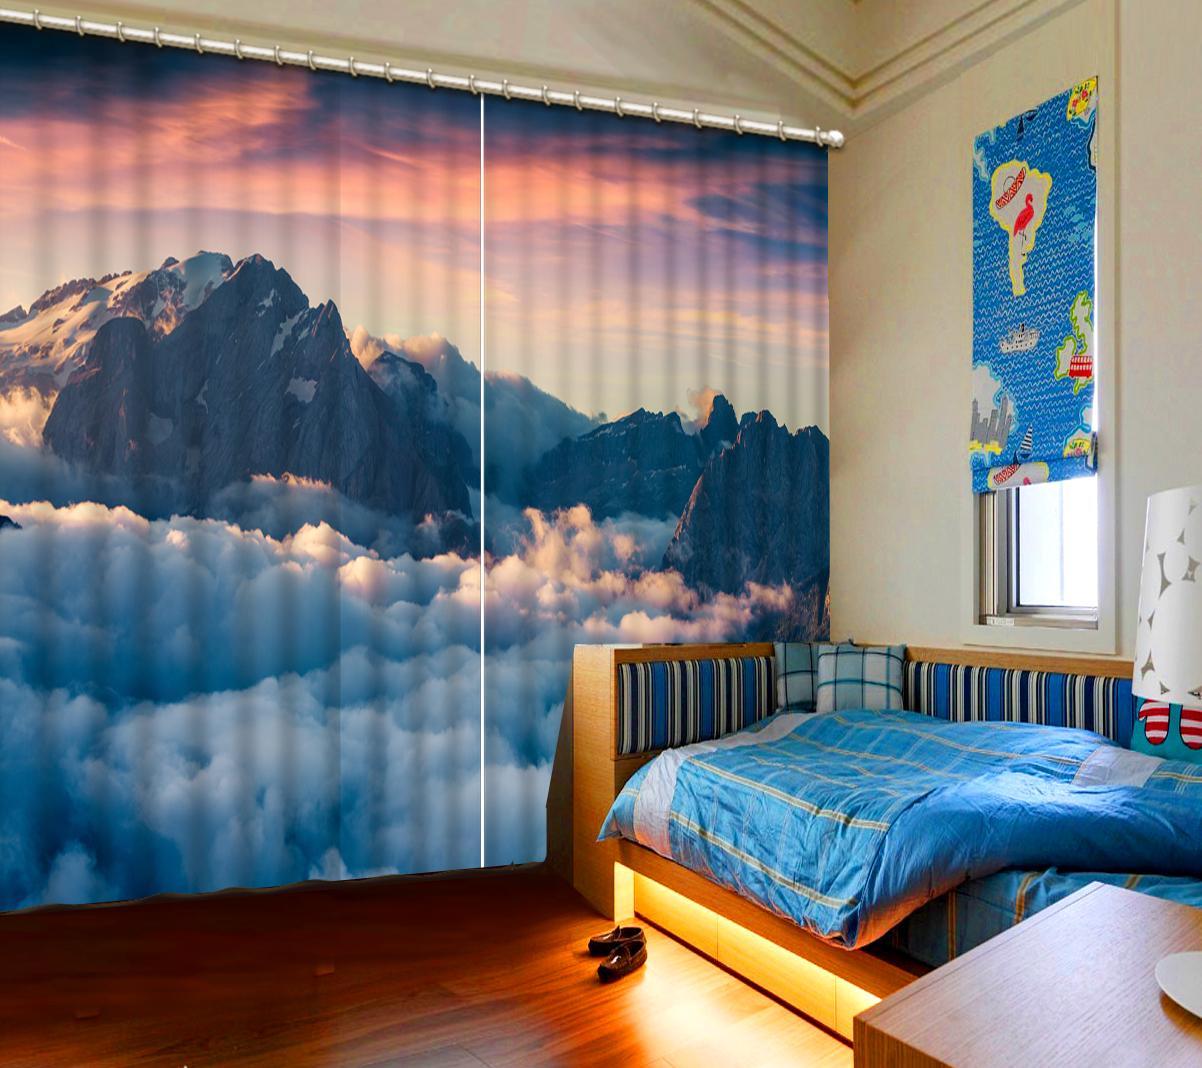 Cortina 3D parede quebrada Cachoeira para sala de estar Quarto Partition Decoração moderna cortinas Blackout parede decorativos